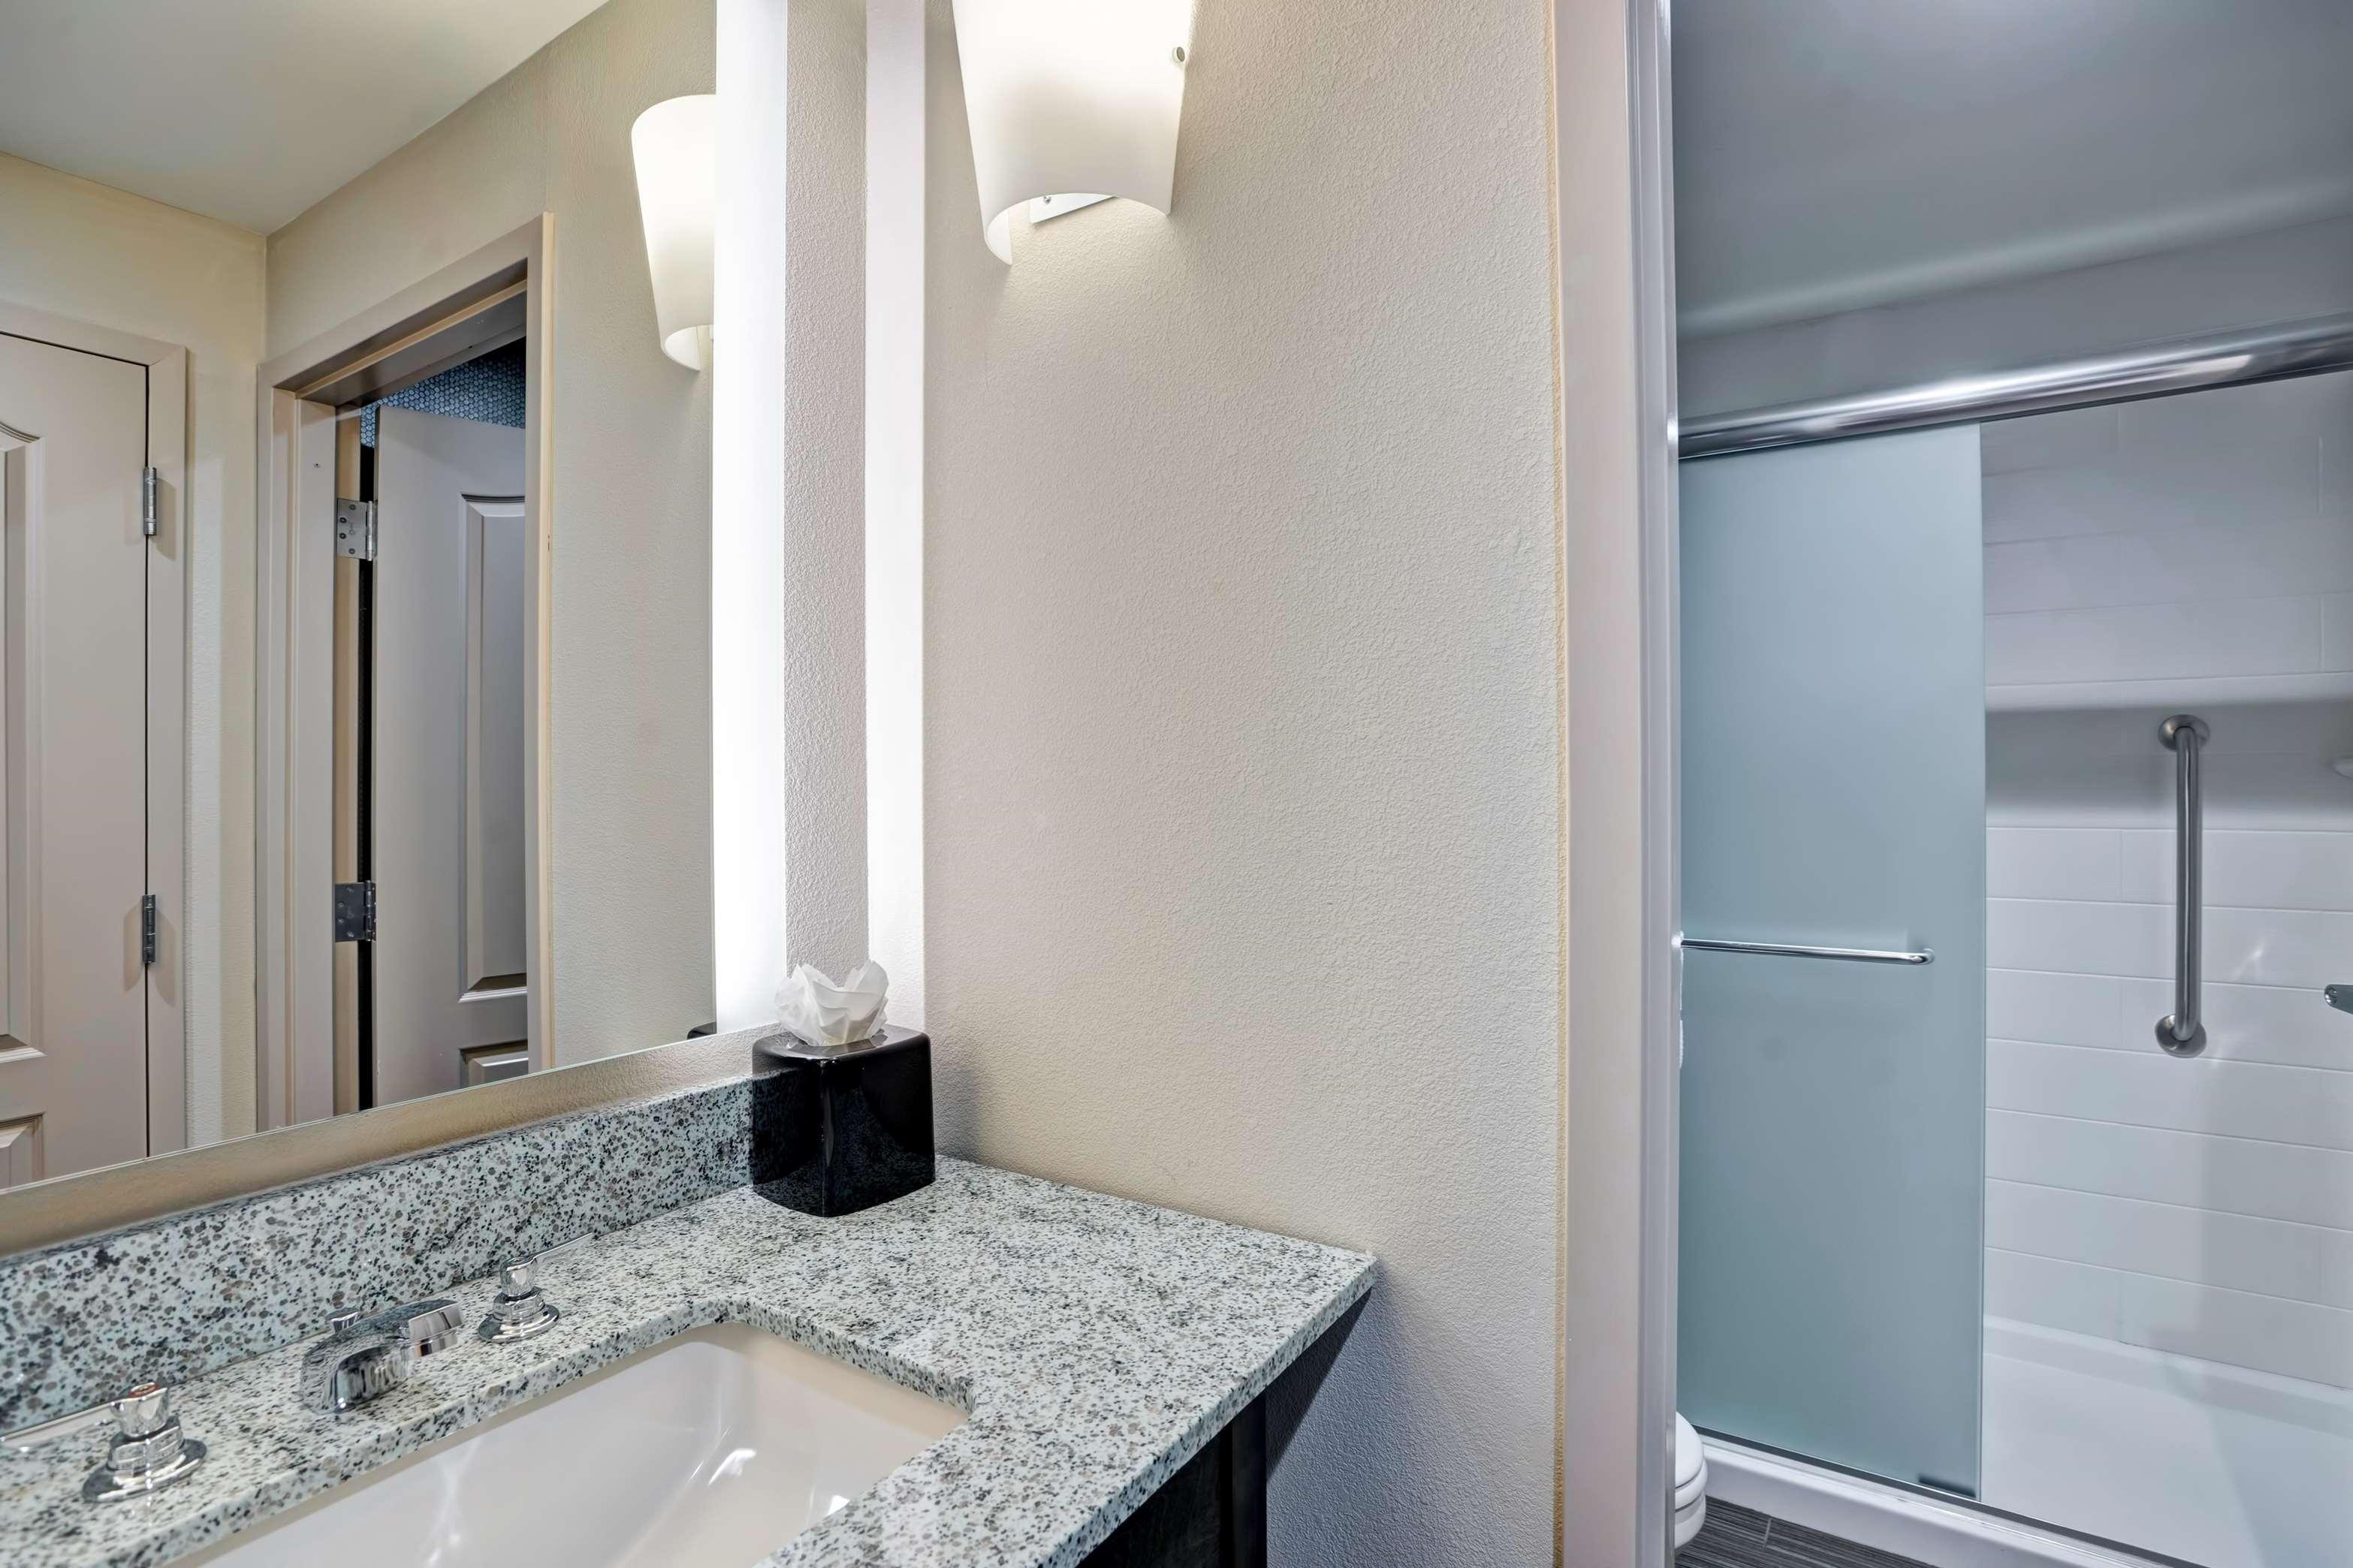 Homewood Suites by Hilton Nashville Franklin Cool Springs image 32